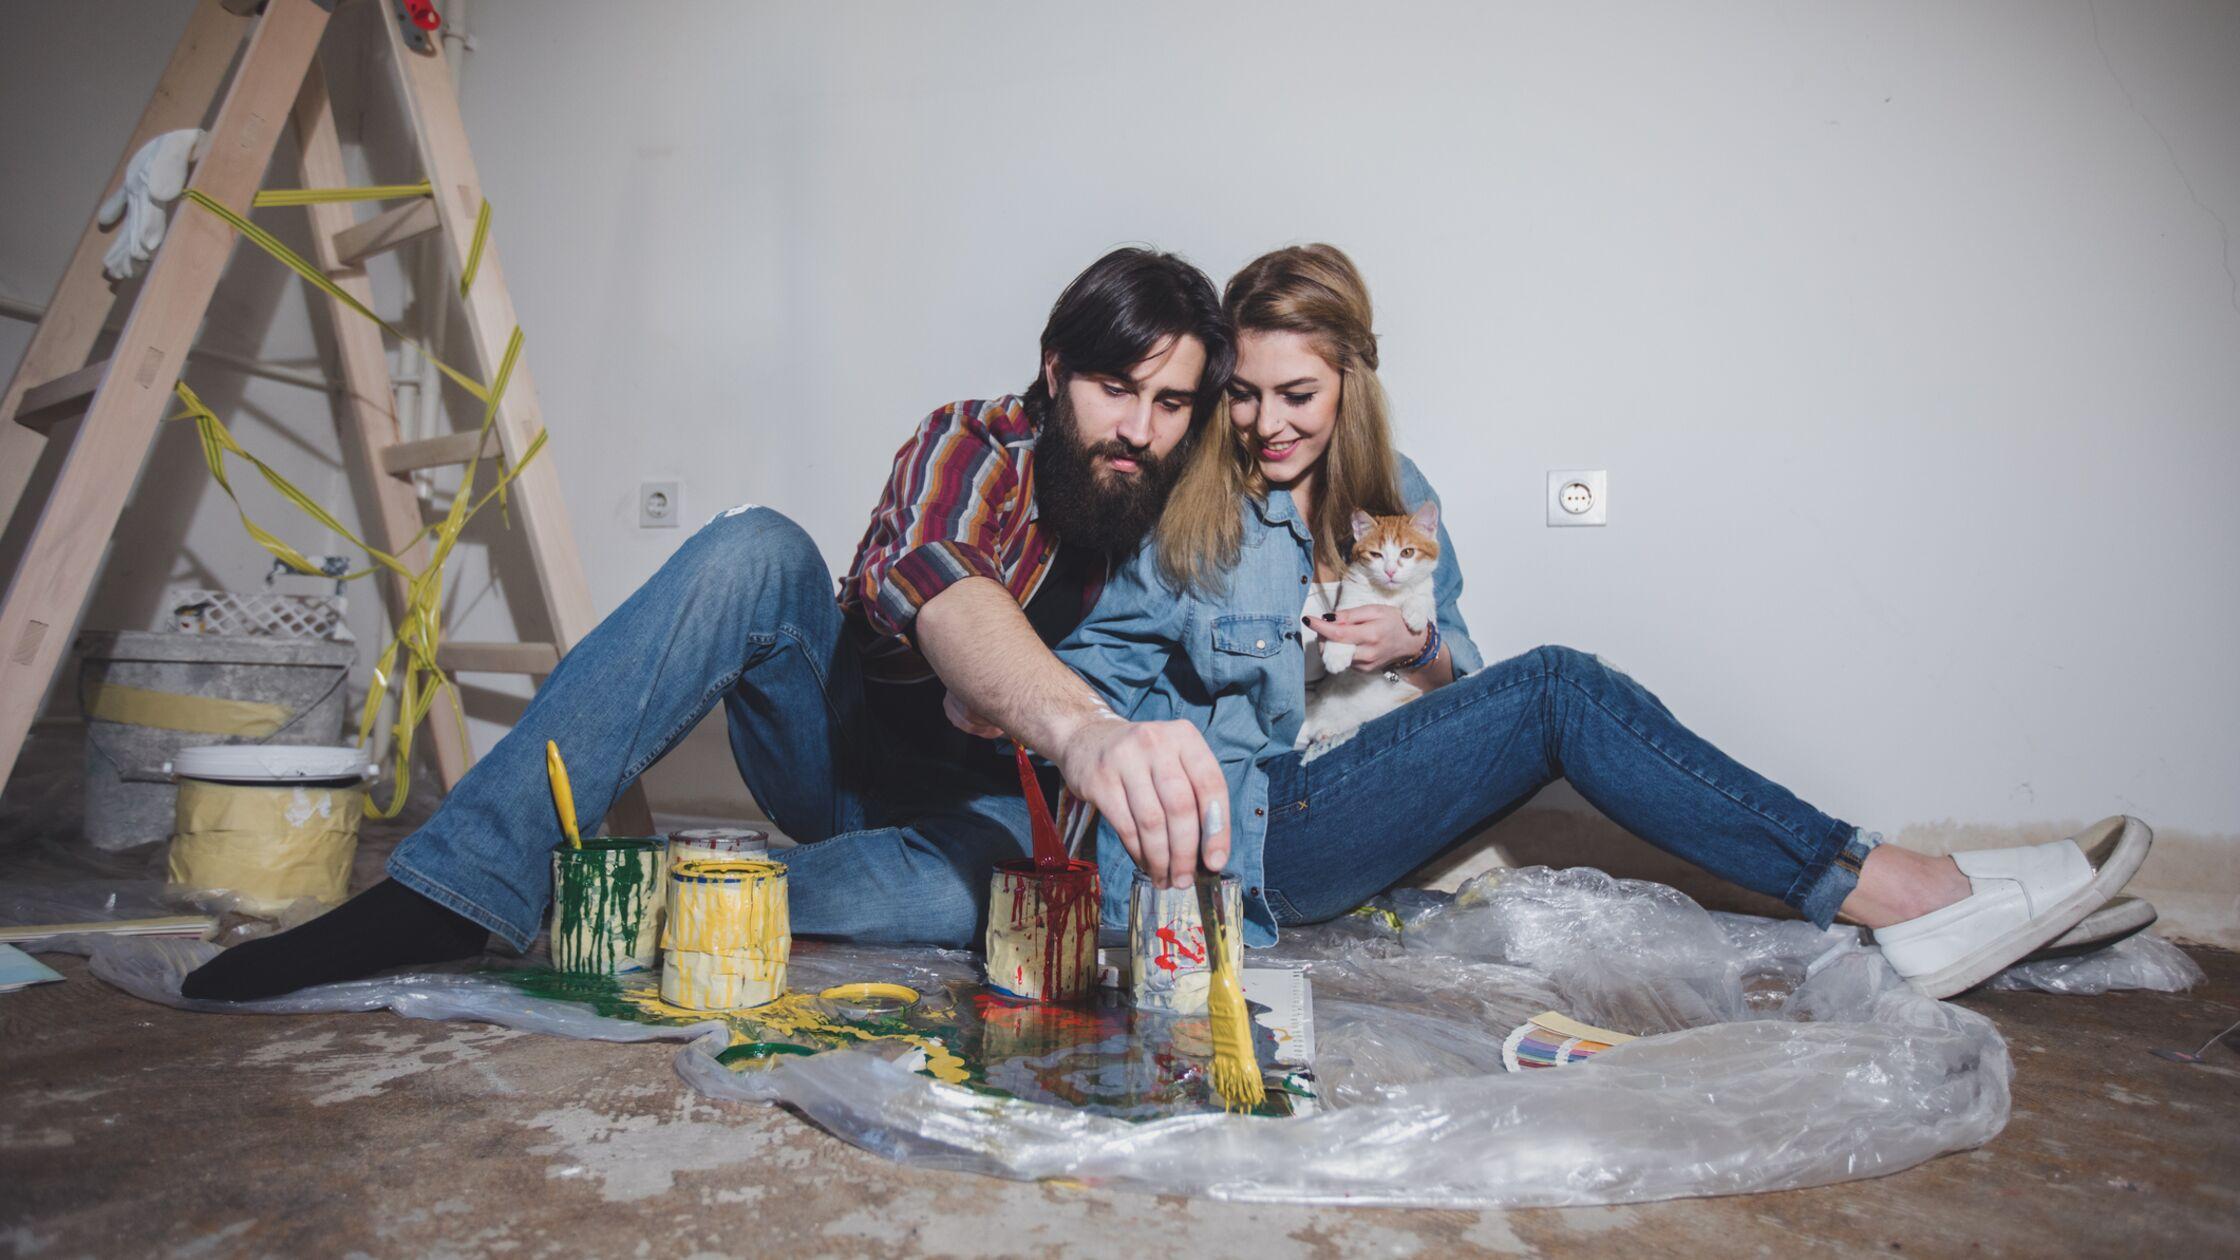 Mann und Frau in neuer Wohnung mischen Farben, Frau mit junger Katze im Arm